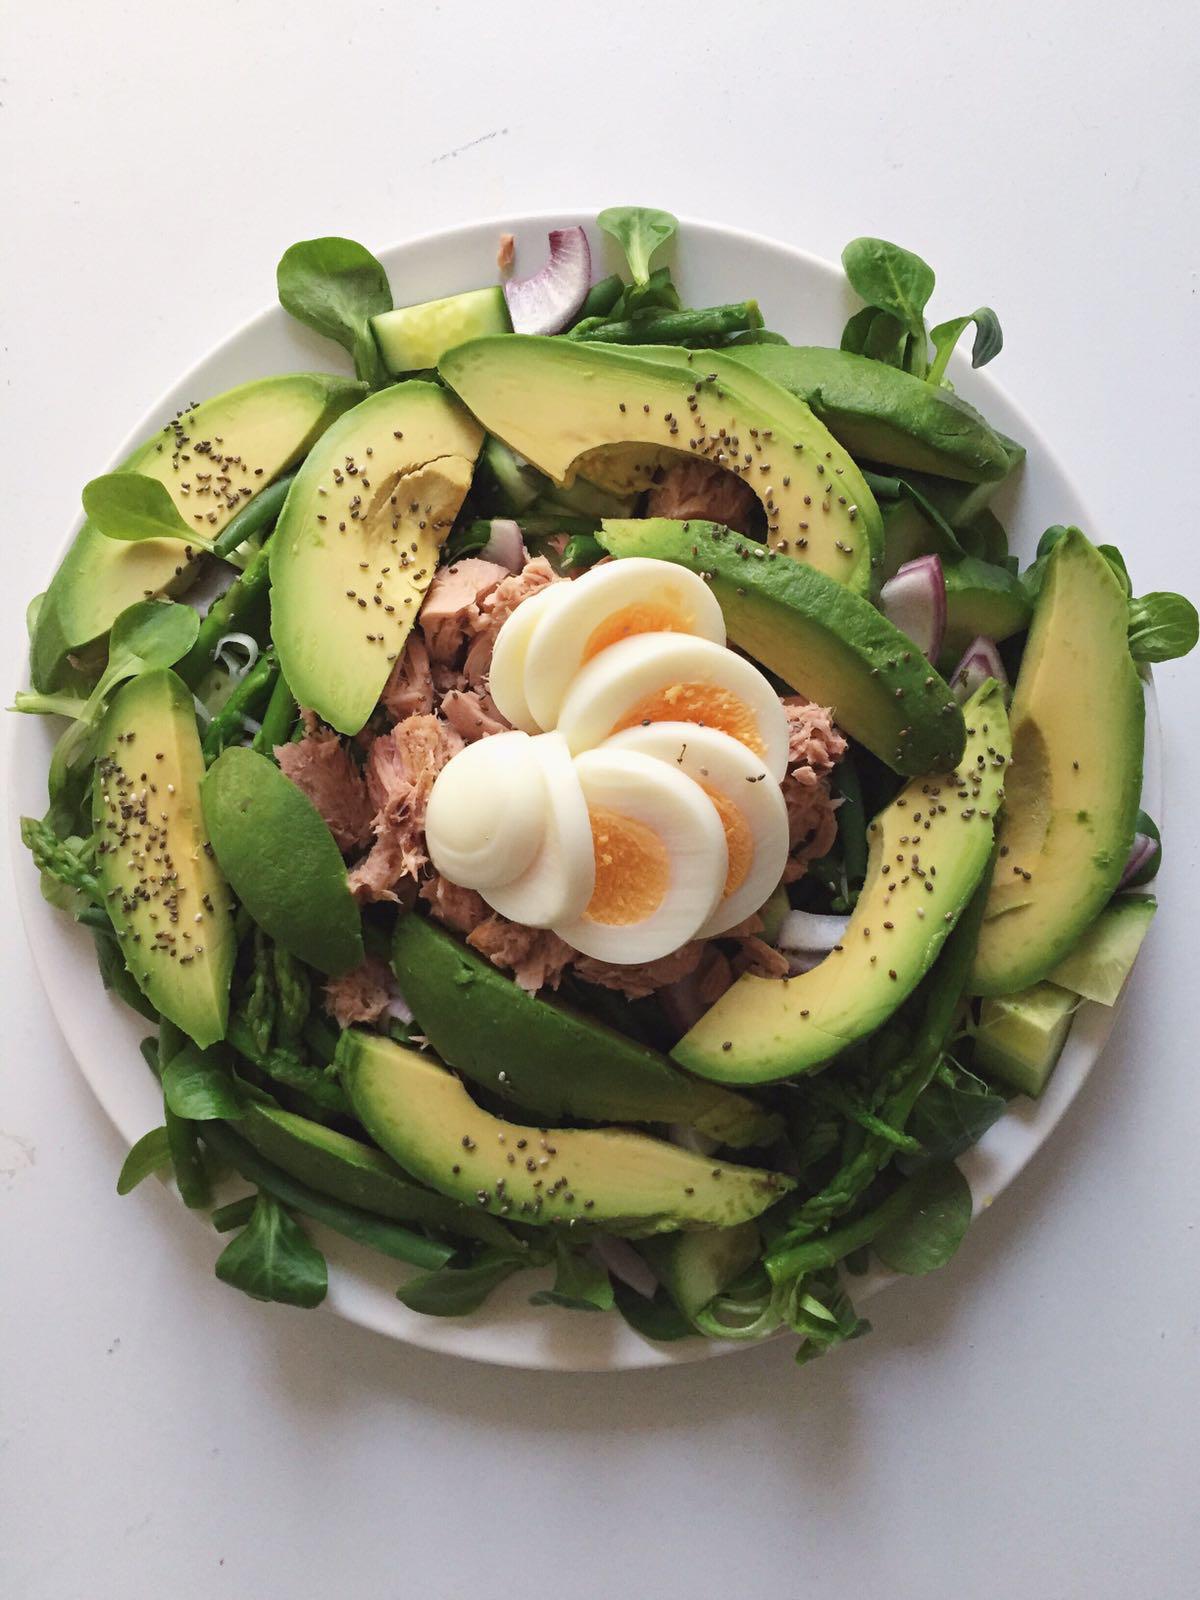 Tonijnsalade | Superlekker, snel en eenvoudig om te maken.